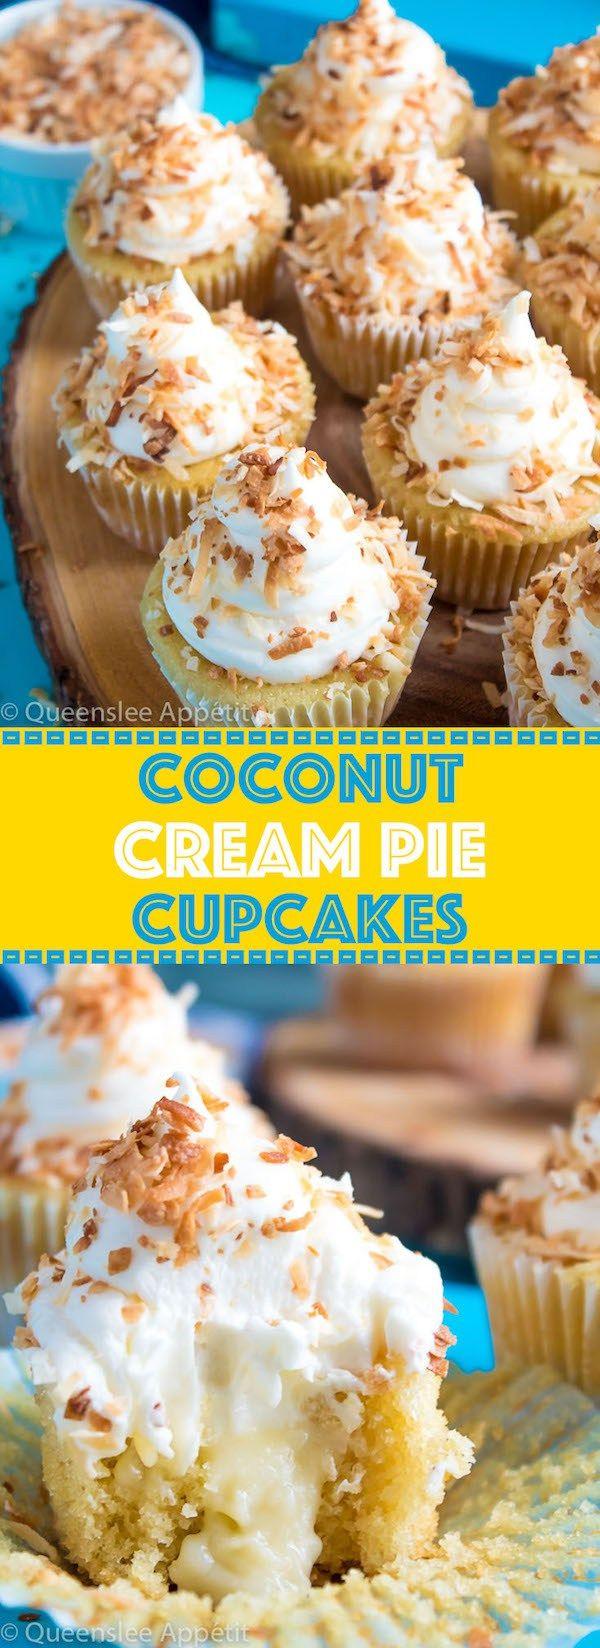 Coconut Cream Pie Cupcakes ~ Recipe | Queenslee Appétit